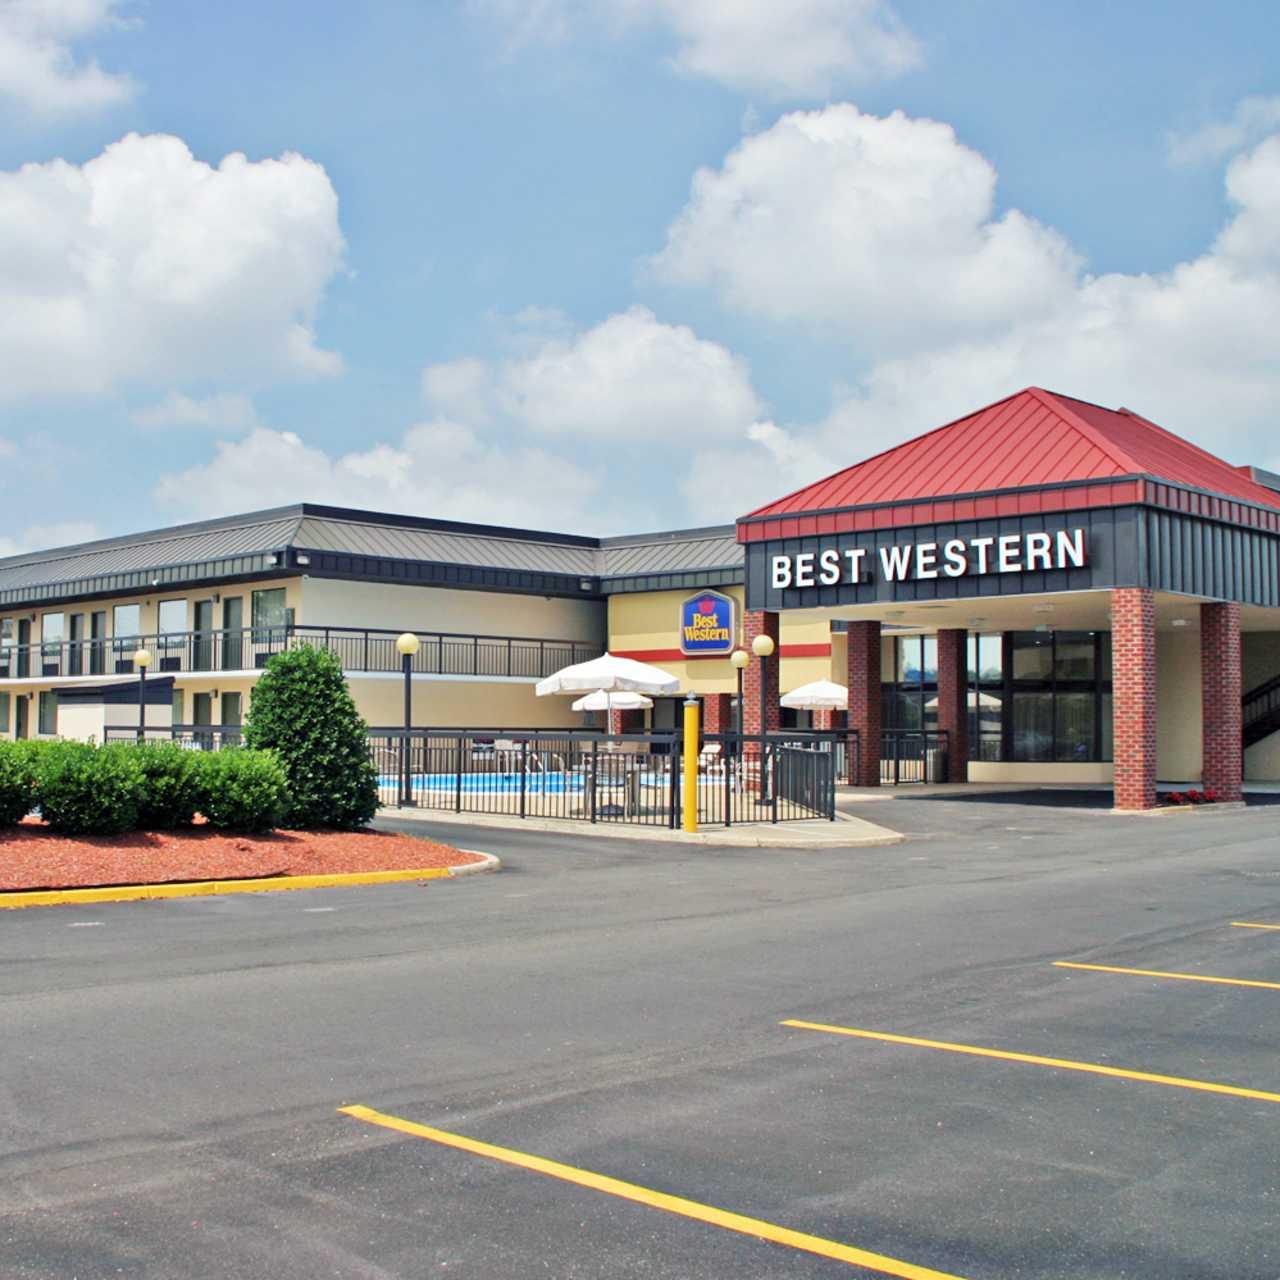 Indian Restaurants In Norfolk Virginia